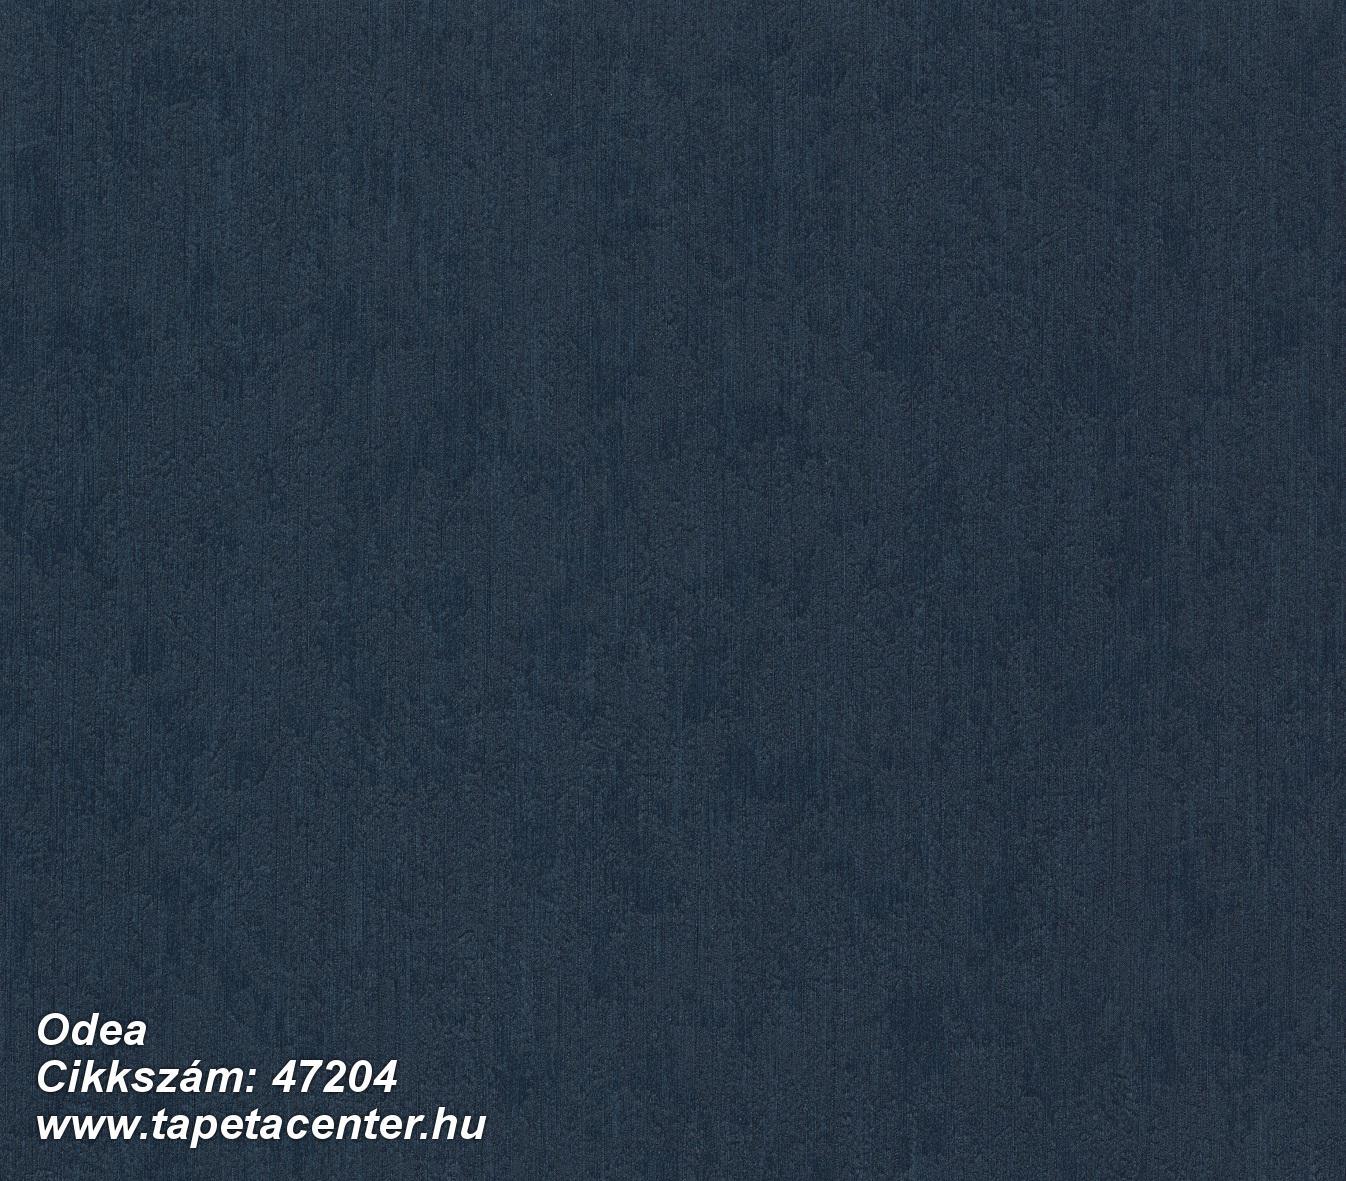 Odea - 47204 Olasz tapéta